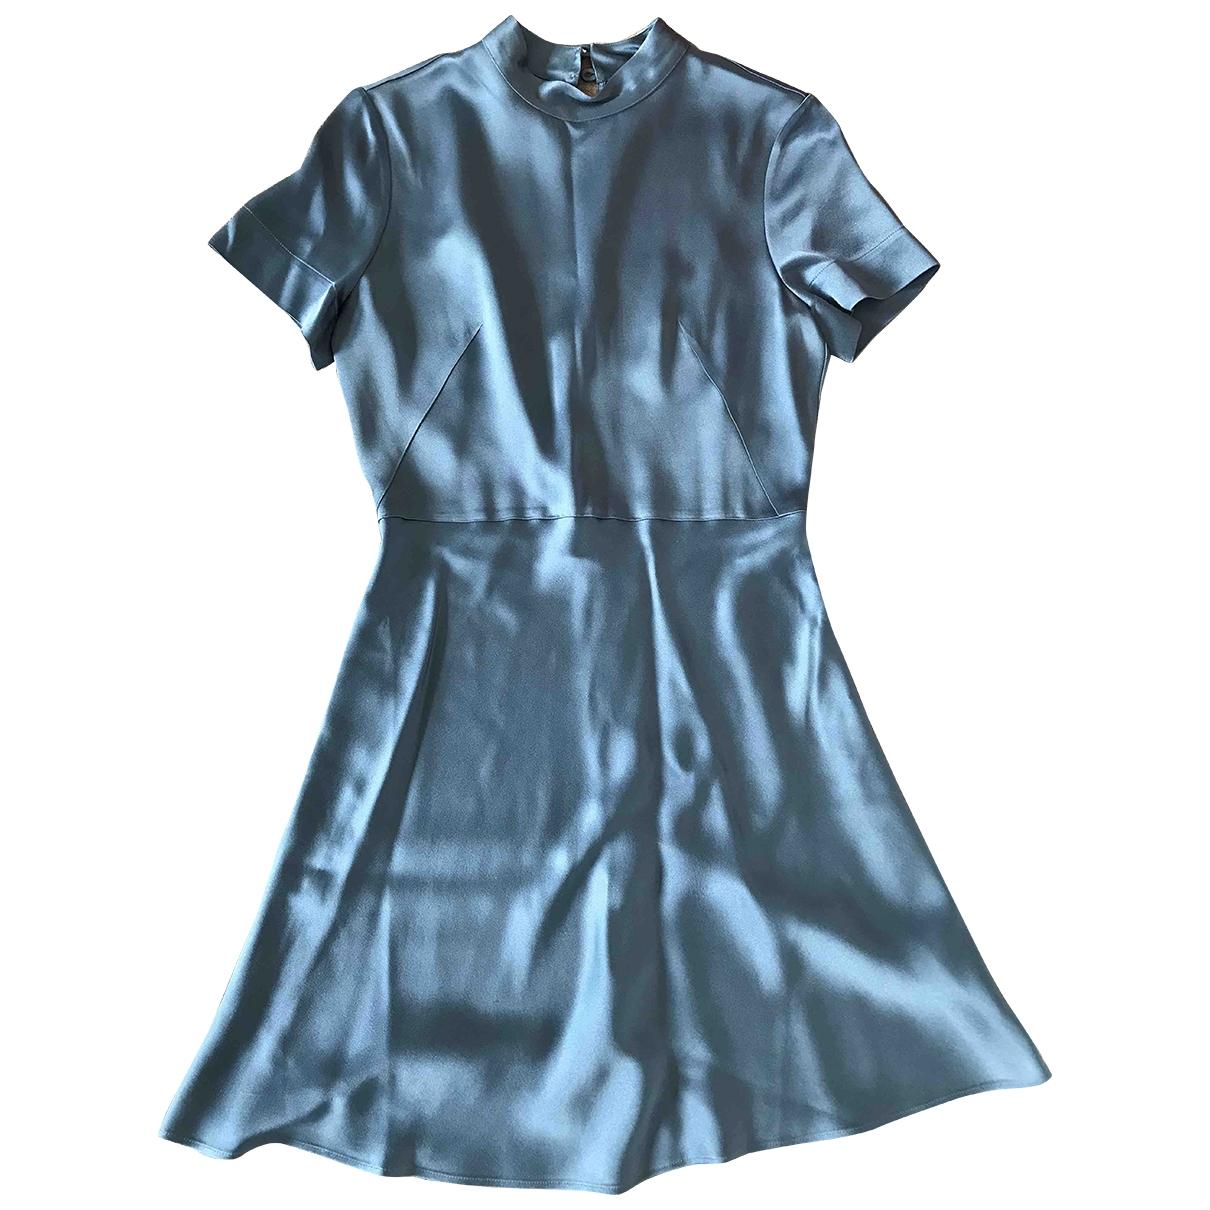 Hugo Boss \N Kleid in  Blau Synthetik